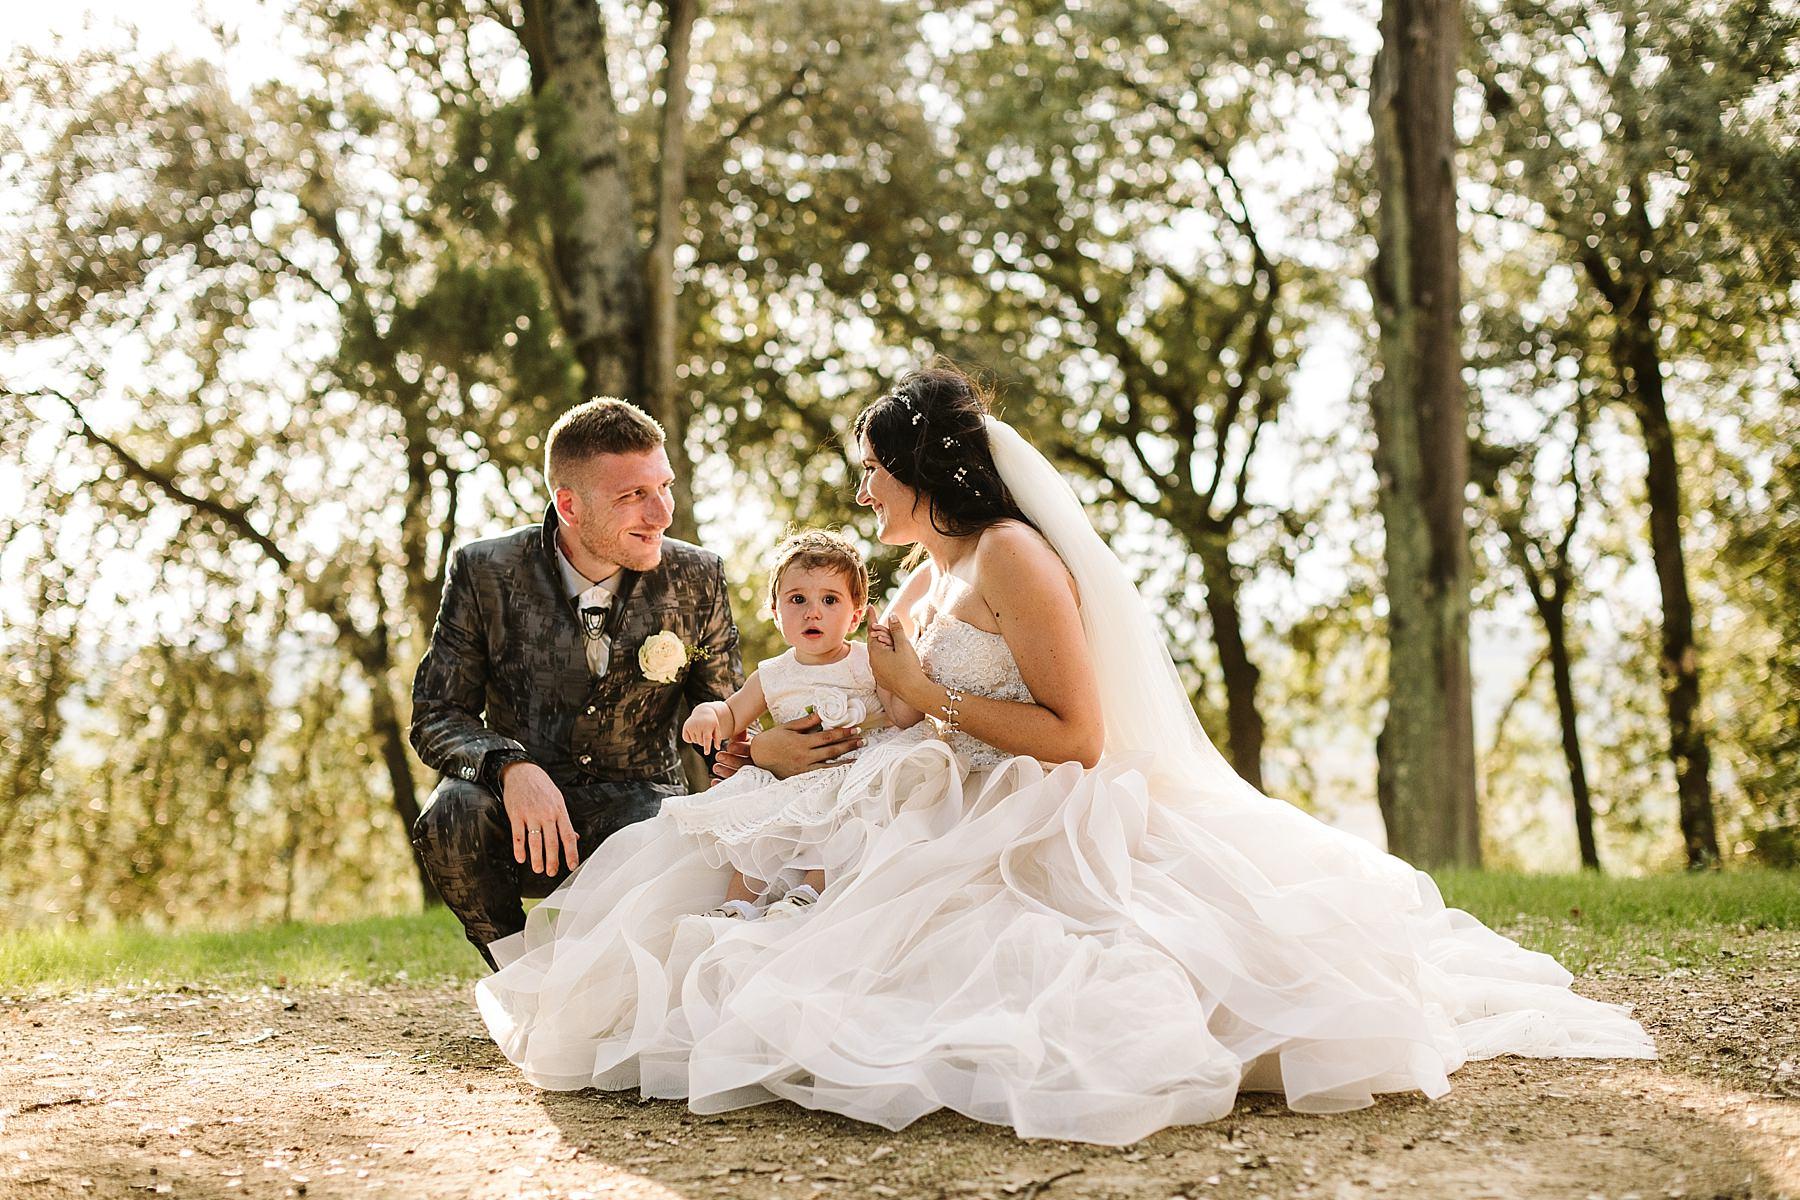 coppia di sposi con la loro bambina